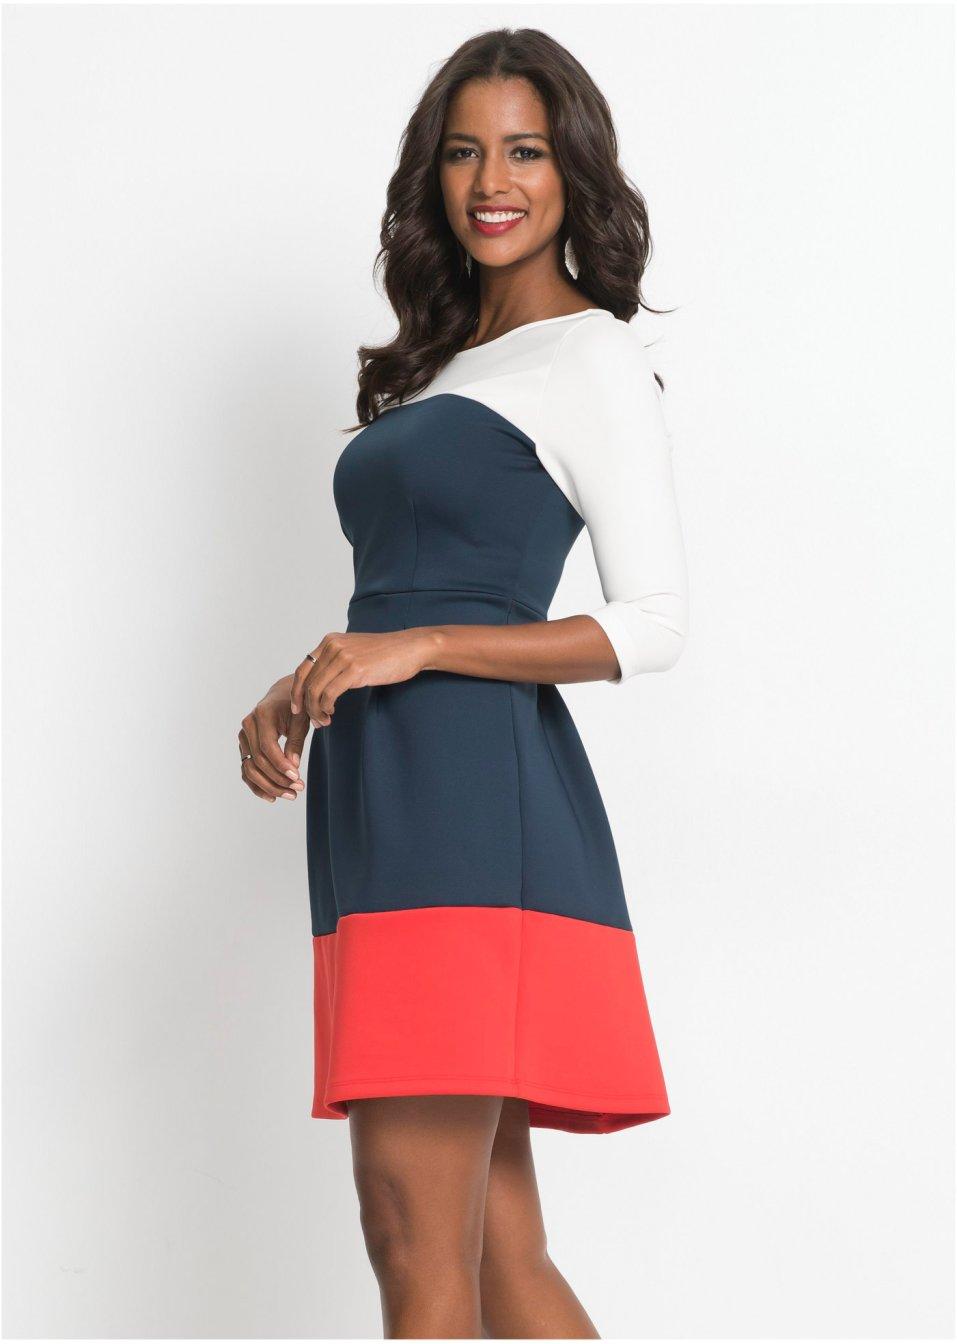 Kleid blau/weiß/rot - BODYFLIRT boutique - bonprix.at